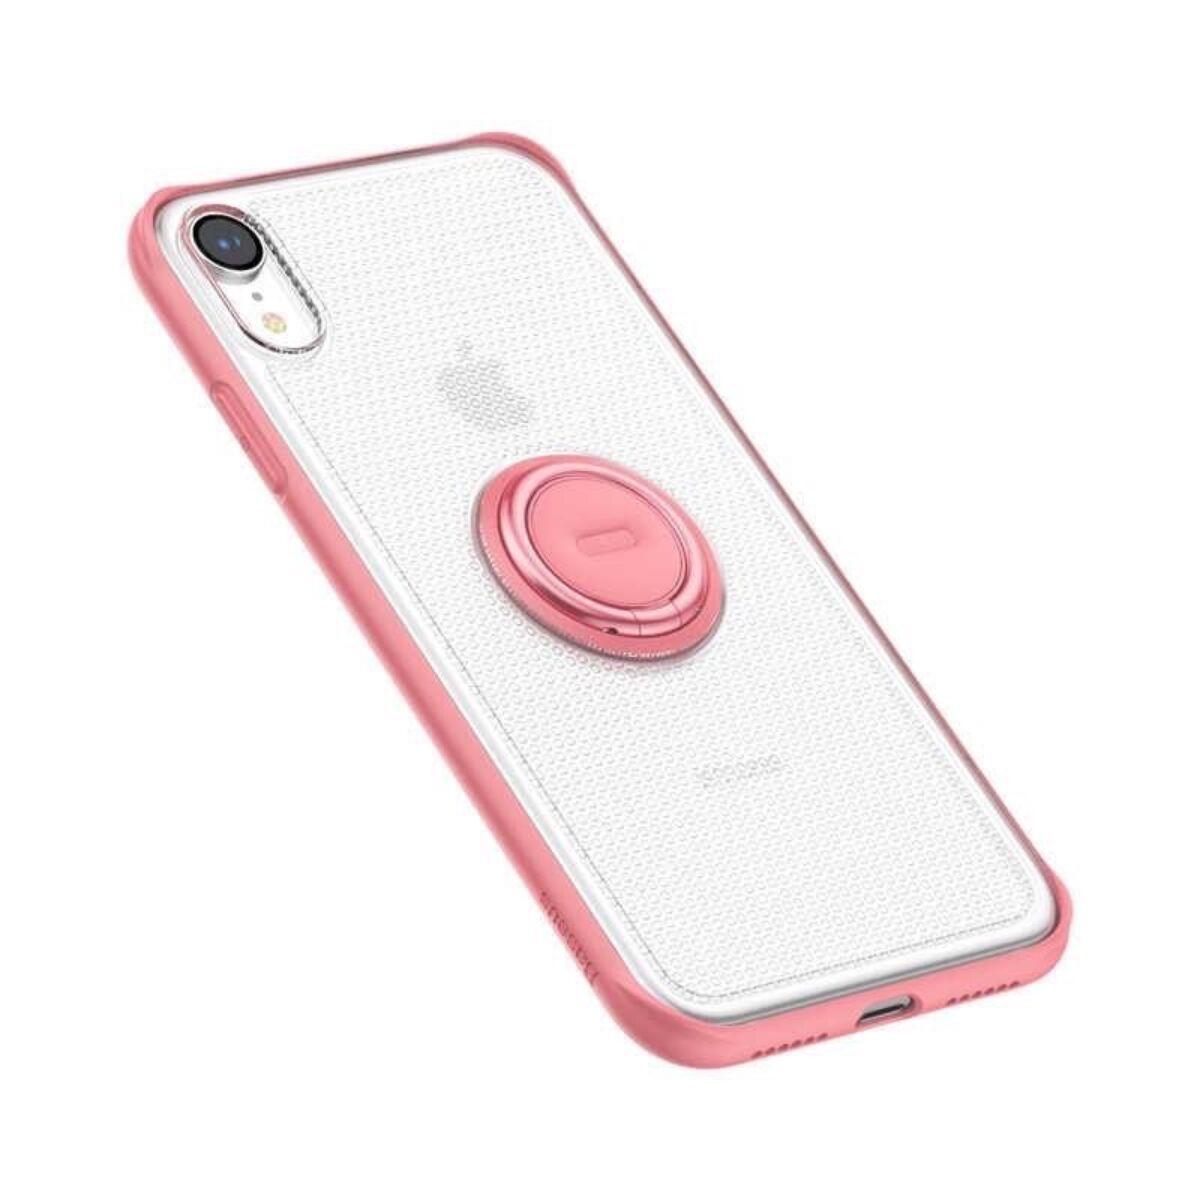 Baseus iPhone XR tok, telefontartó, gyűrűs tok, rózsaszín (WIAPIPH61-YD04)